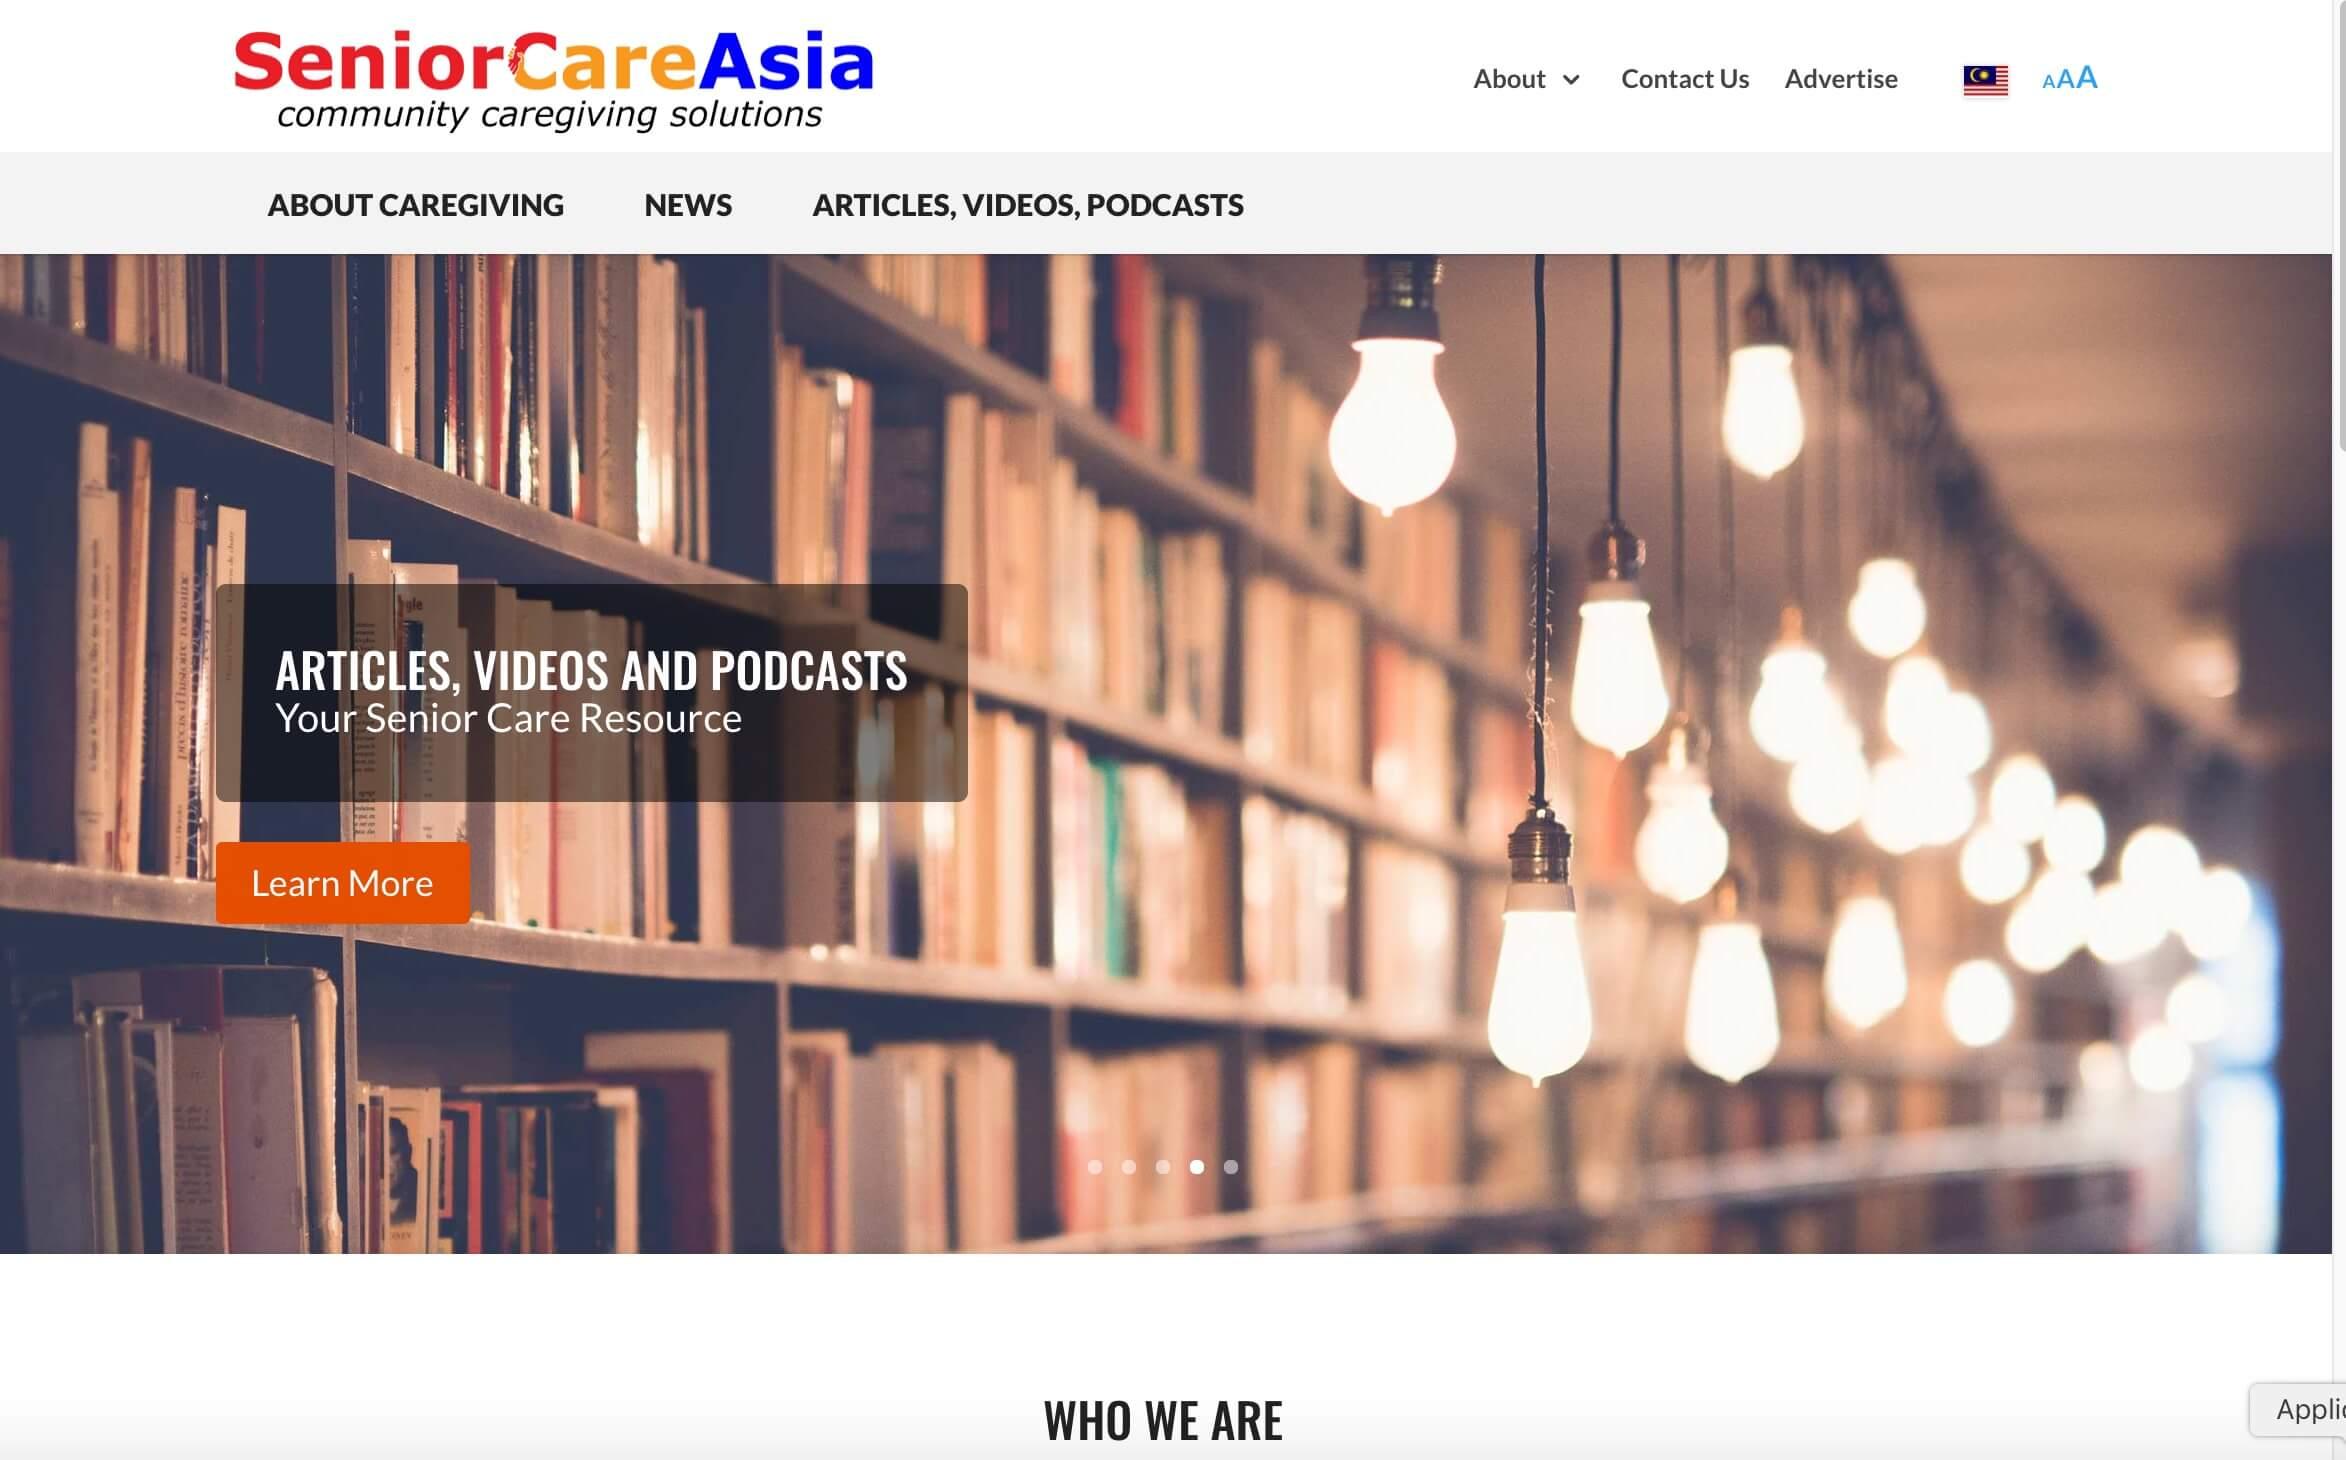 Senior Care Asia